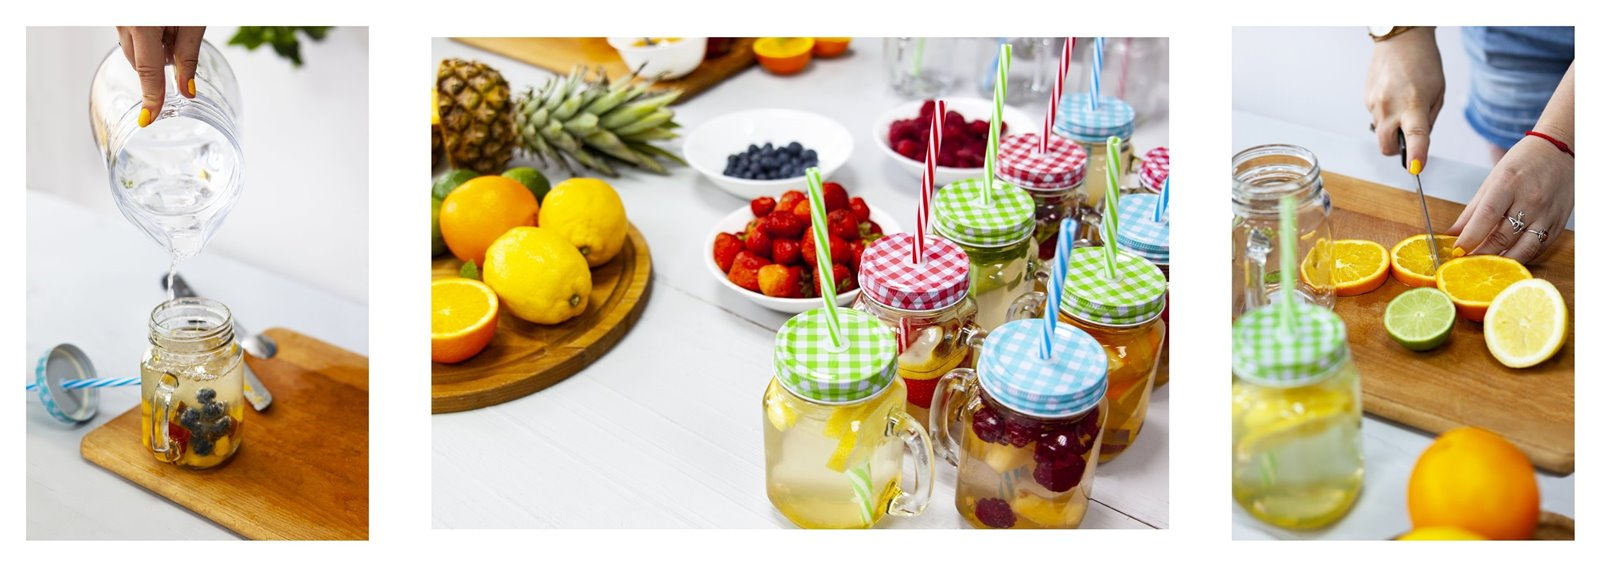 9 blog kulinarny łódź słodkie owoce lemoniady napoje na upał ile pić wody dziennie napoje najlepsze do nawodnienia w upały youtube kulinaria kuchnia przepis inspiracje diy słoik słoiki browin łódź miasto